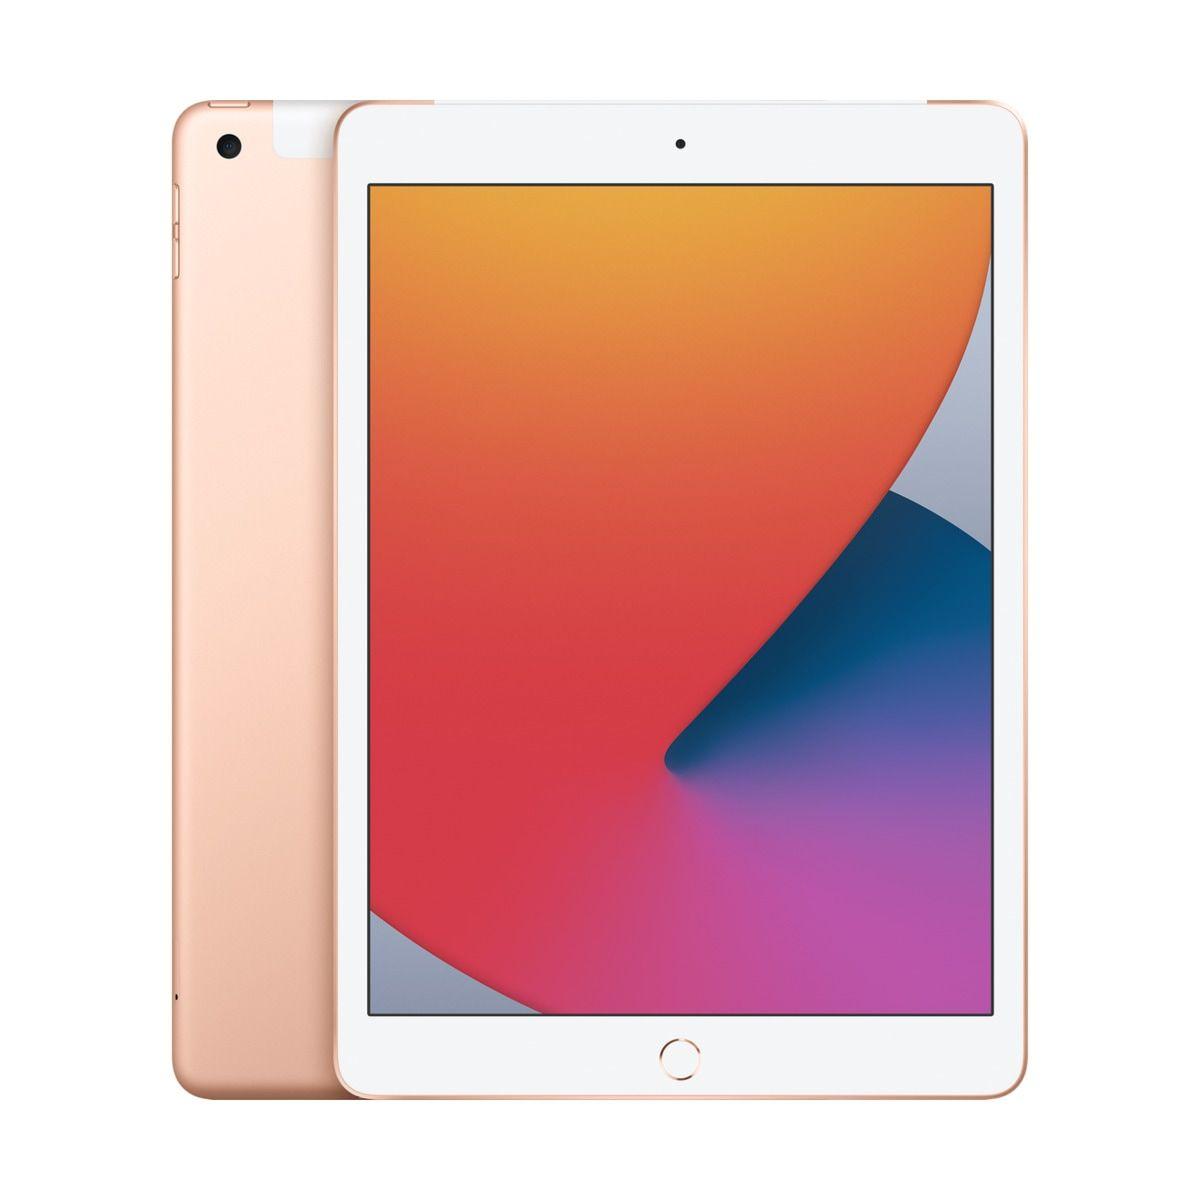 Apple iPad Wi-Fi+Cell 128GB - Gold - MYMN2FD/A